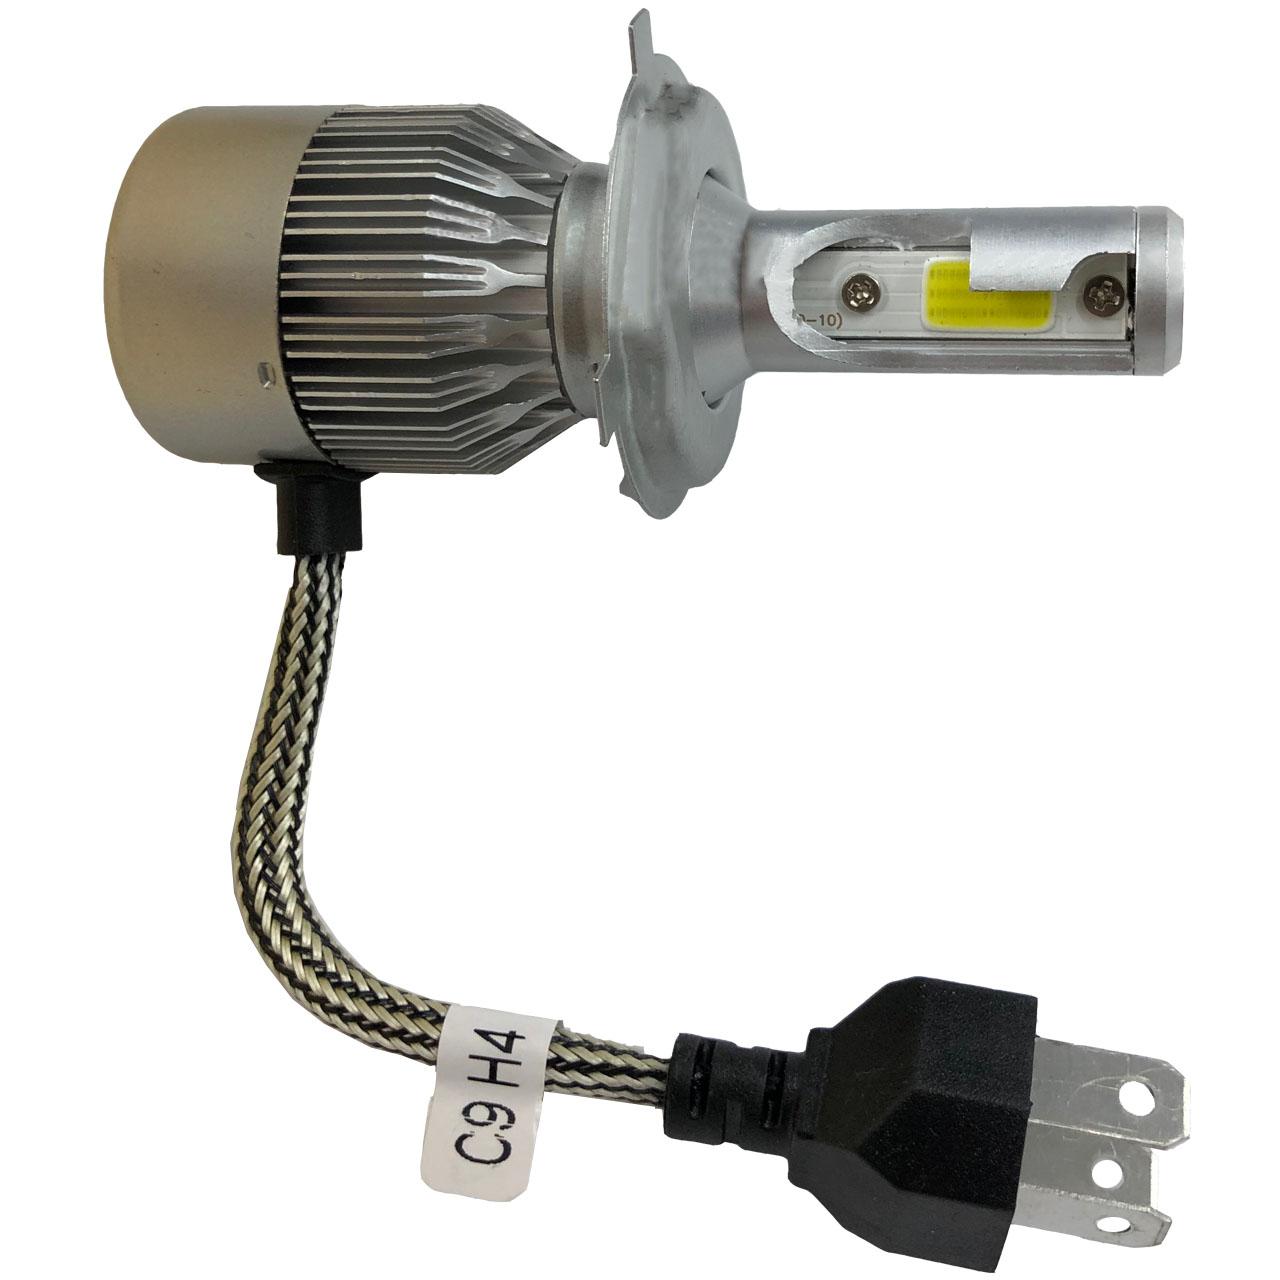 خرید اینترنتی هدلایت لامپ موتور سیکلت مدل C9